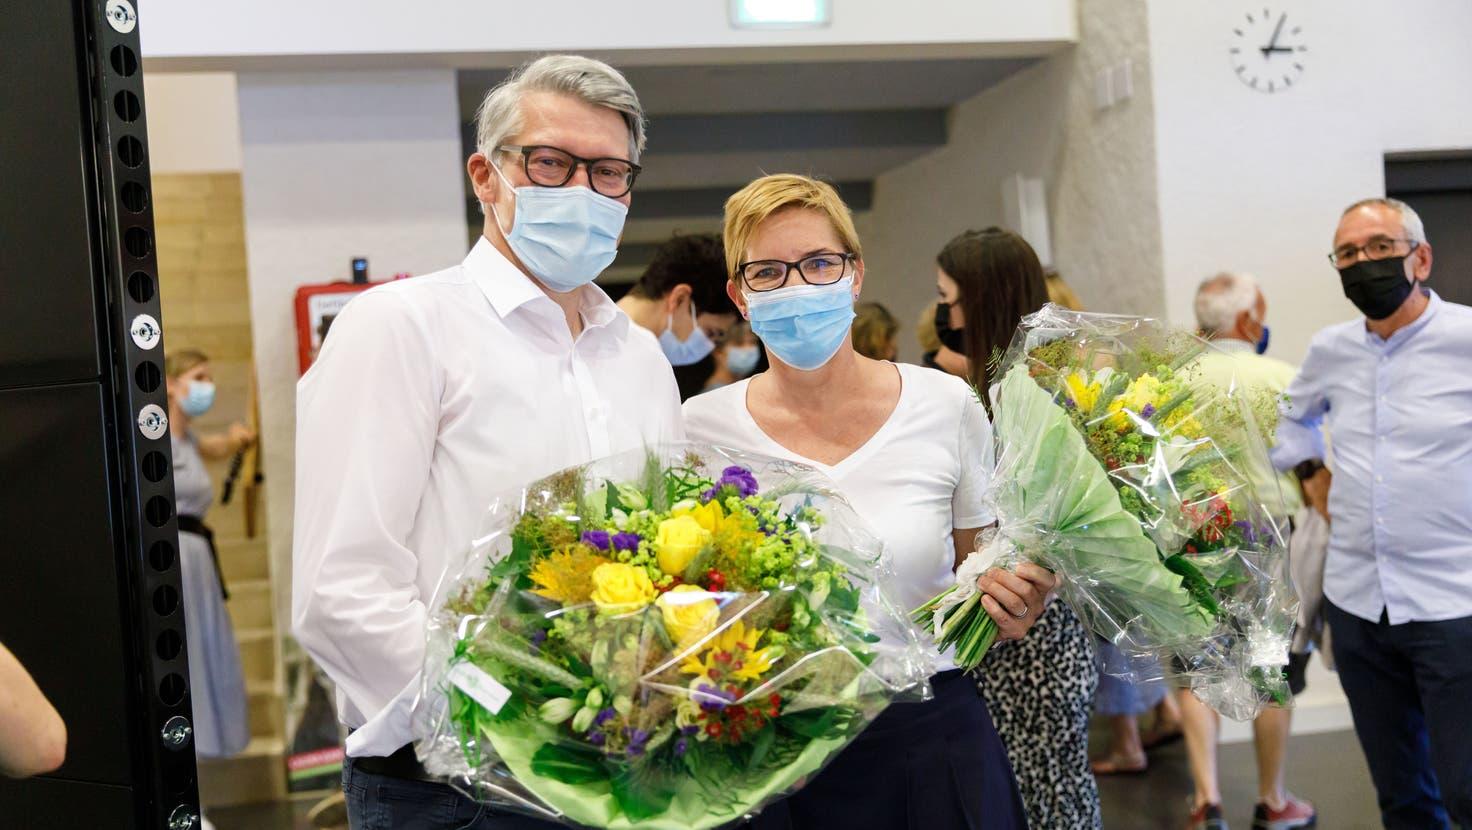 Stadtpräsidium Solothurn: Der erste Wahlgang zwischen Markus Schüpbach und Stefanie Ingold brachte keinen Gewinner hervor. (Hanspeter Bärtschi)